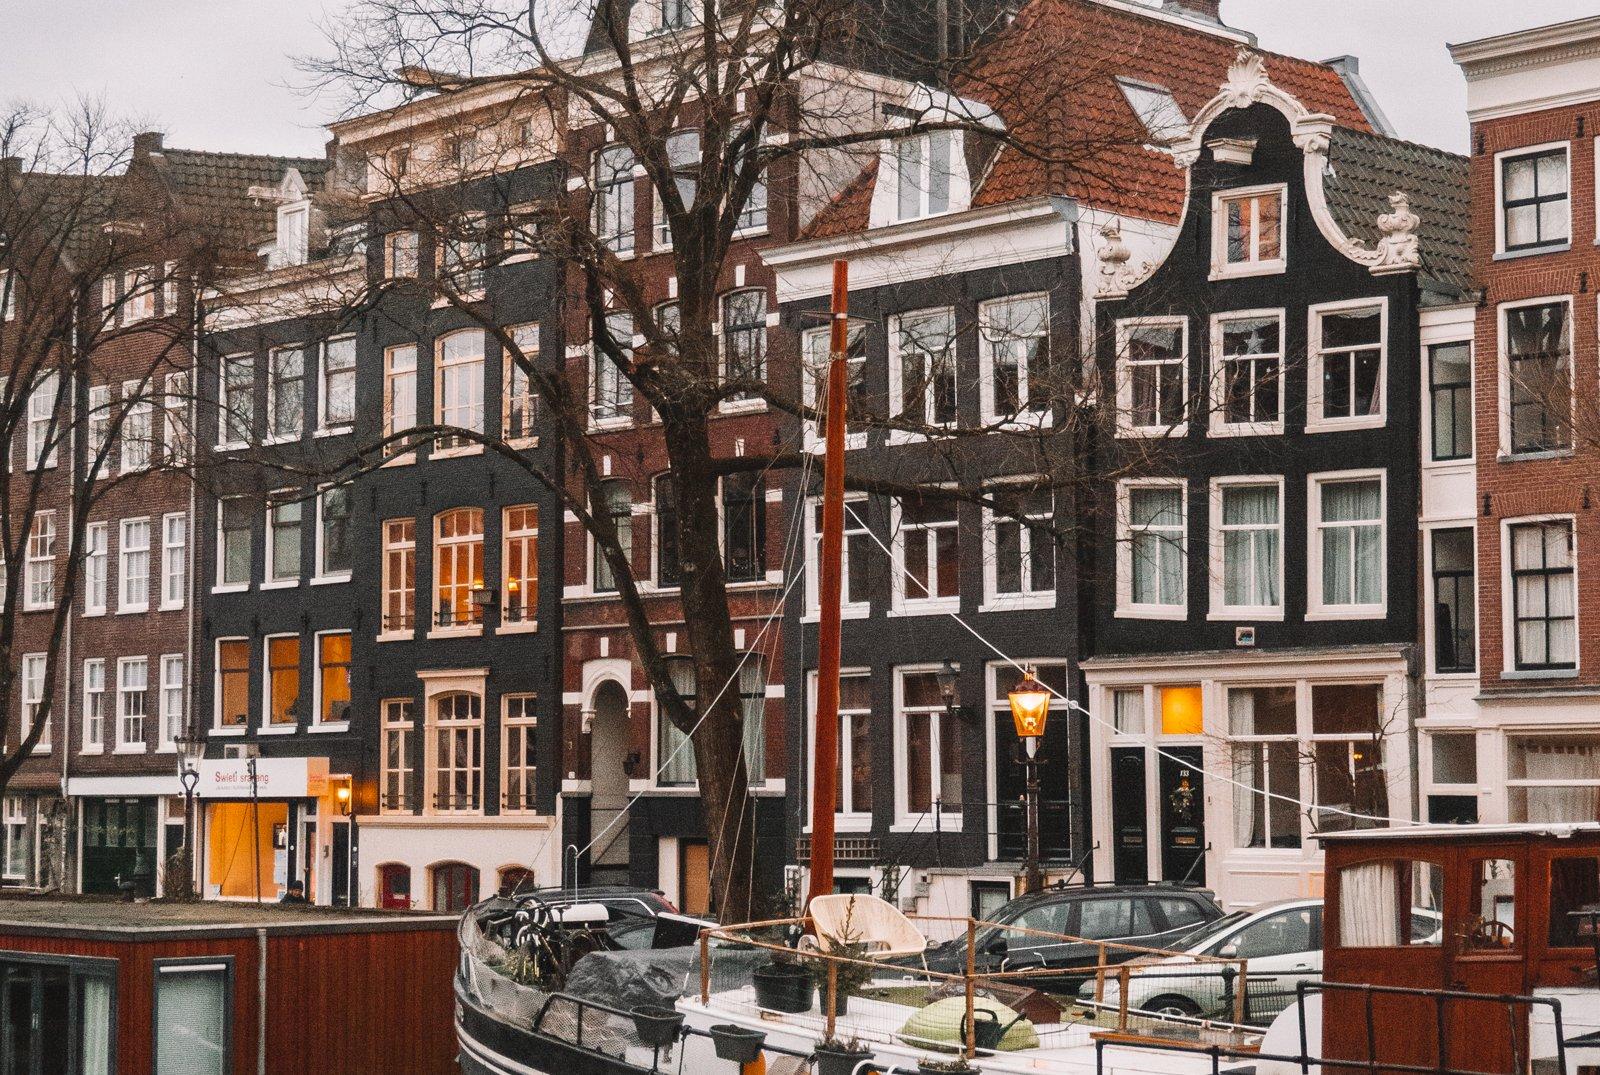 Grachtenpanden bij de Westelijke eilanden in Amsterdam